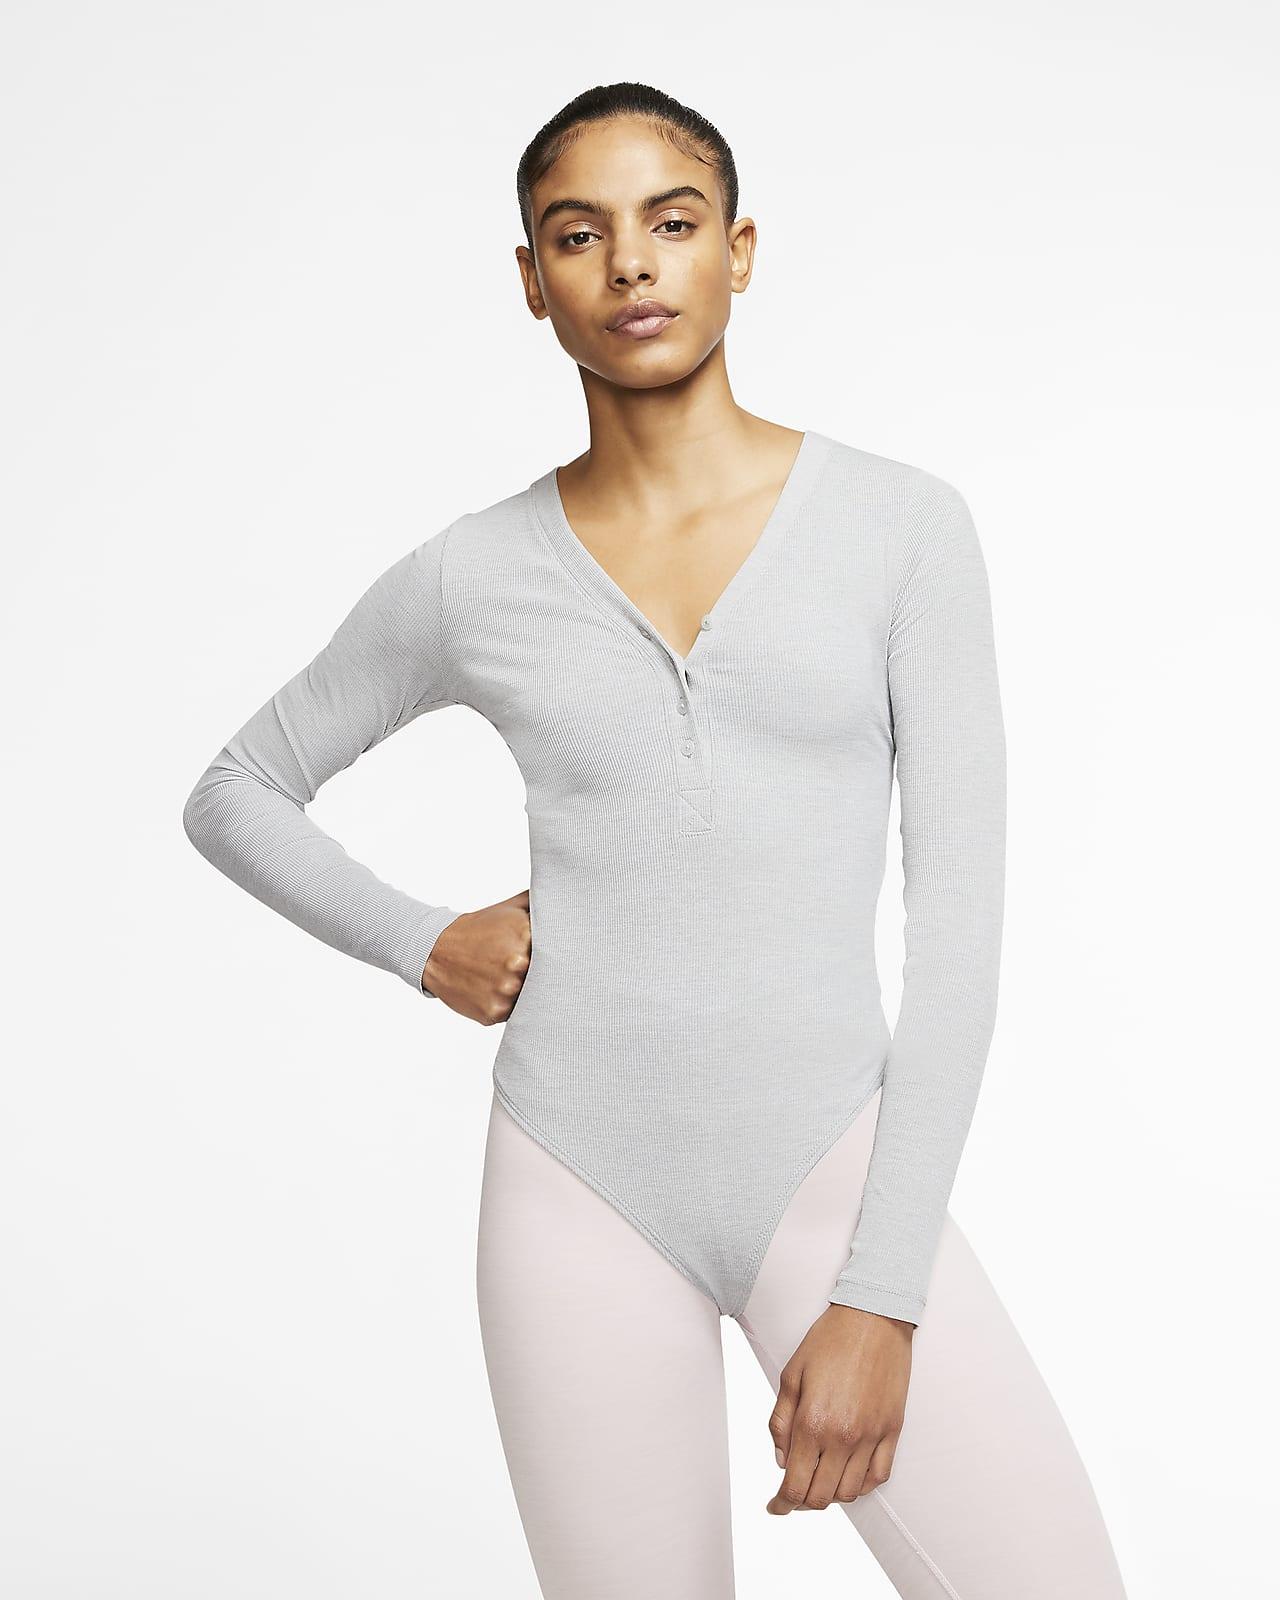 Dámské body Nike Yoga Luxe s dlouhým rukávem z Infinalonu